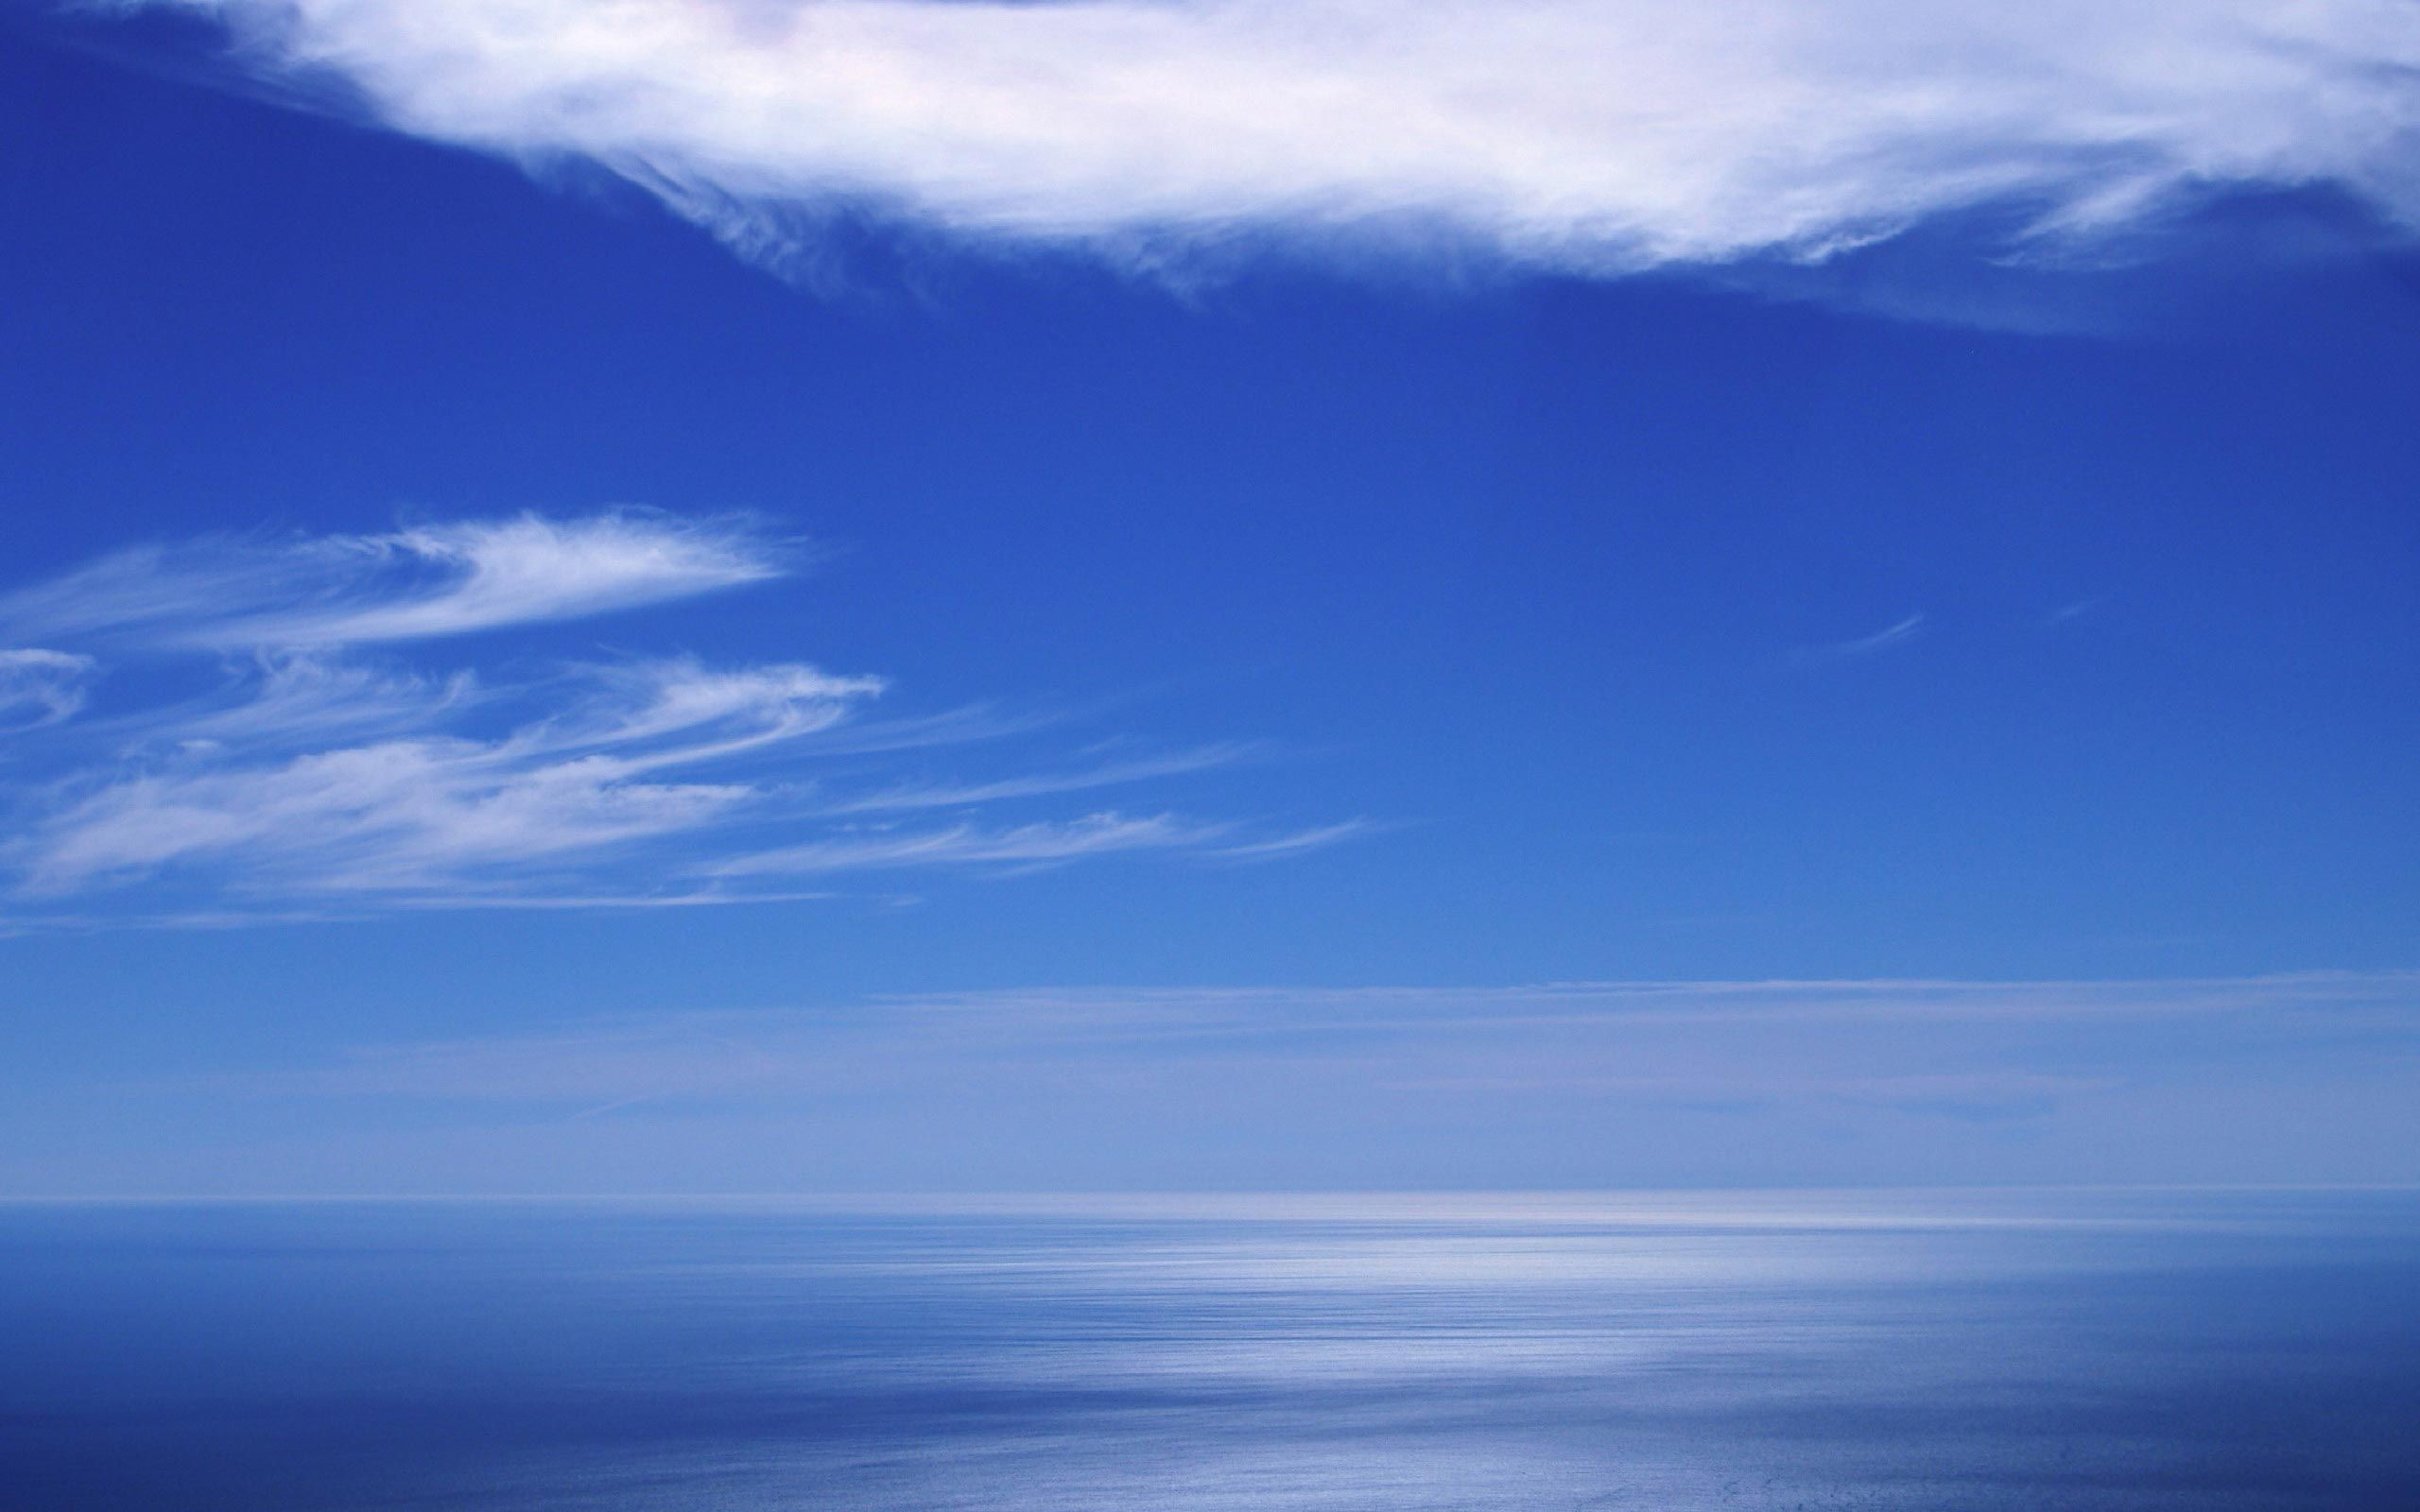 Ảnh background bầu trời nền xanh cực đẹp